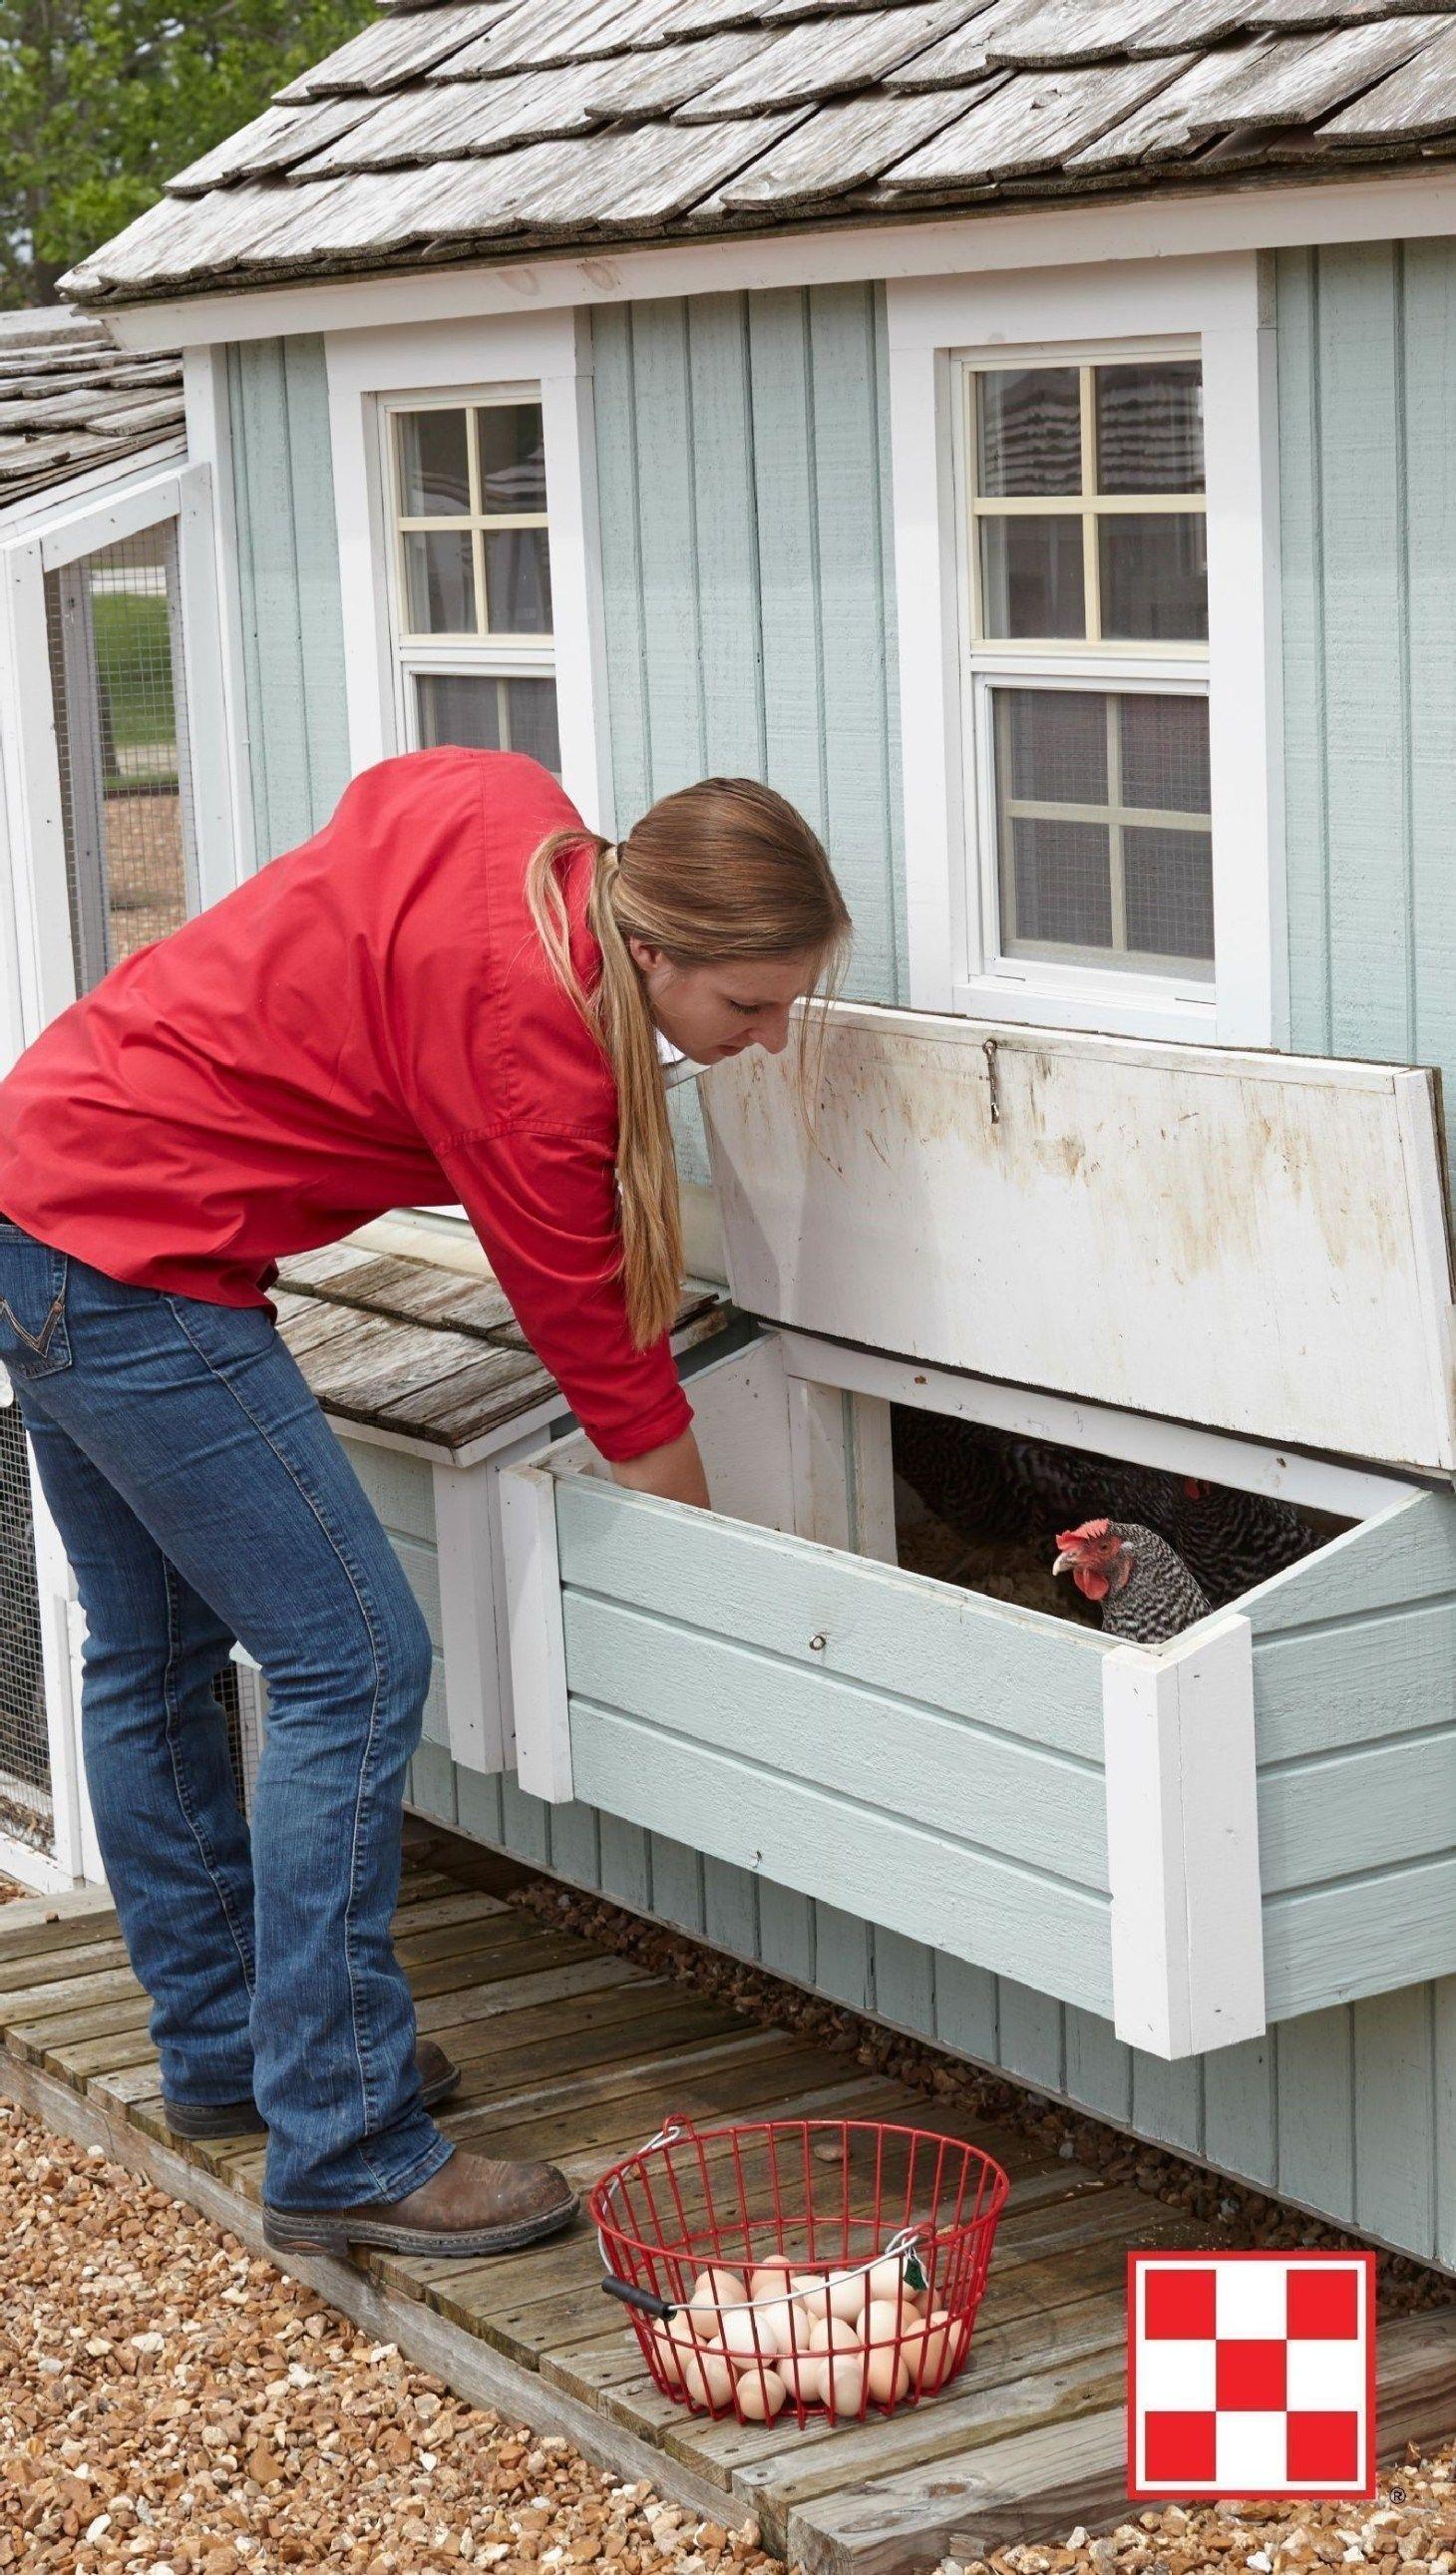 Best Creative Chicken Coop Decor Ideas to Steal (1) & Best Creative Chicken Coop Decor Ideas to Steal (1) | Chicken coop ...